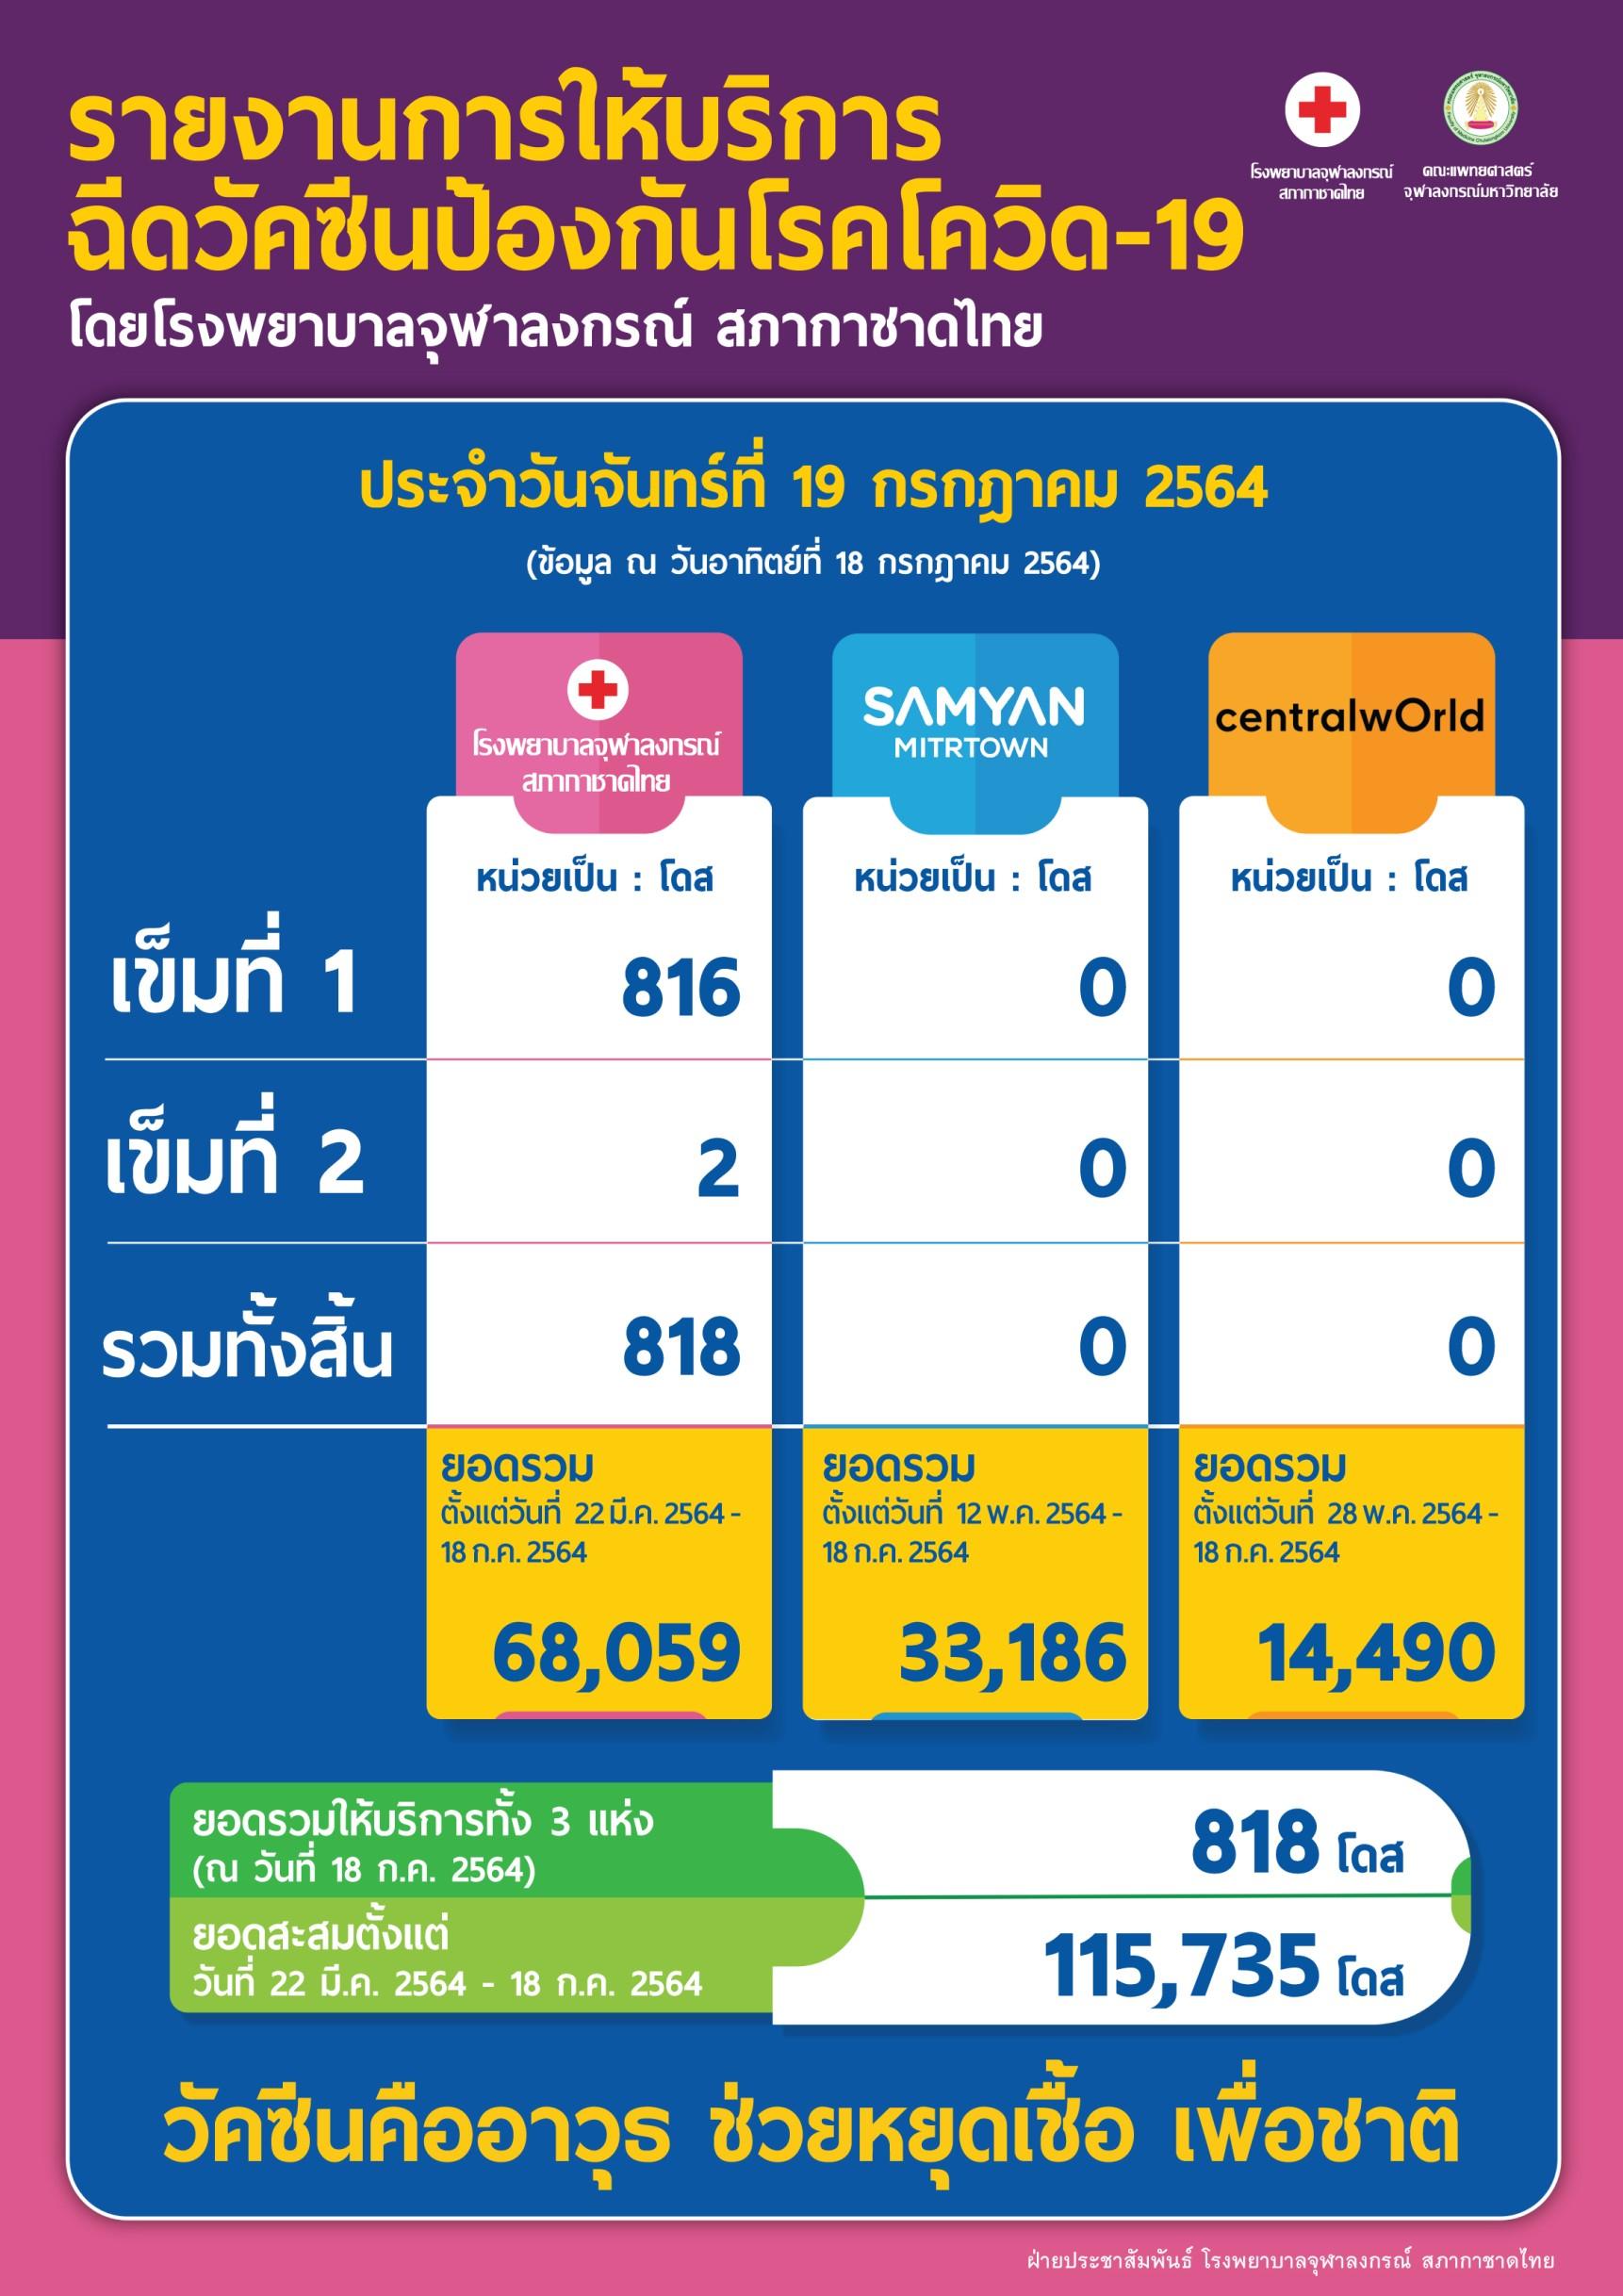 รายงานการให้บริการฉีดวัคซีนป้องกันโรคโควิด-19 โดยโรงพยาบาลจุฬาลงกรณ์ สภากาชาดไทย ประจำวันจันทร์ที่ 19 กรกฎาคม 2564